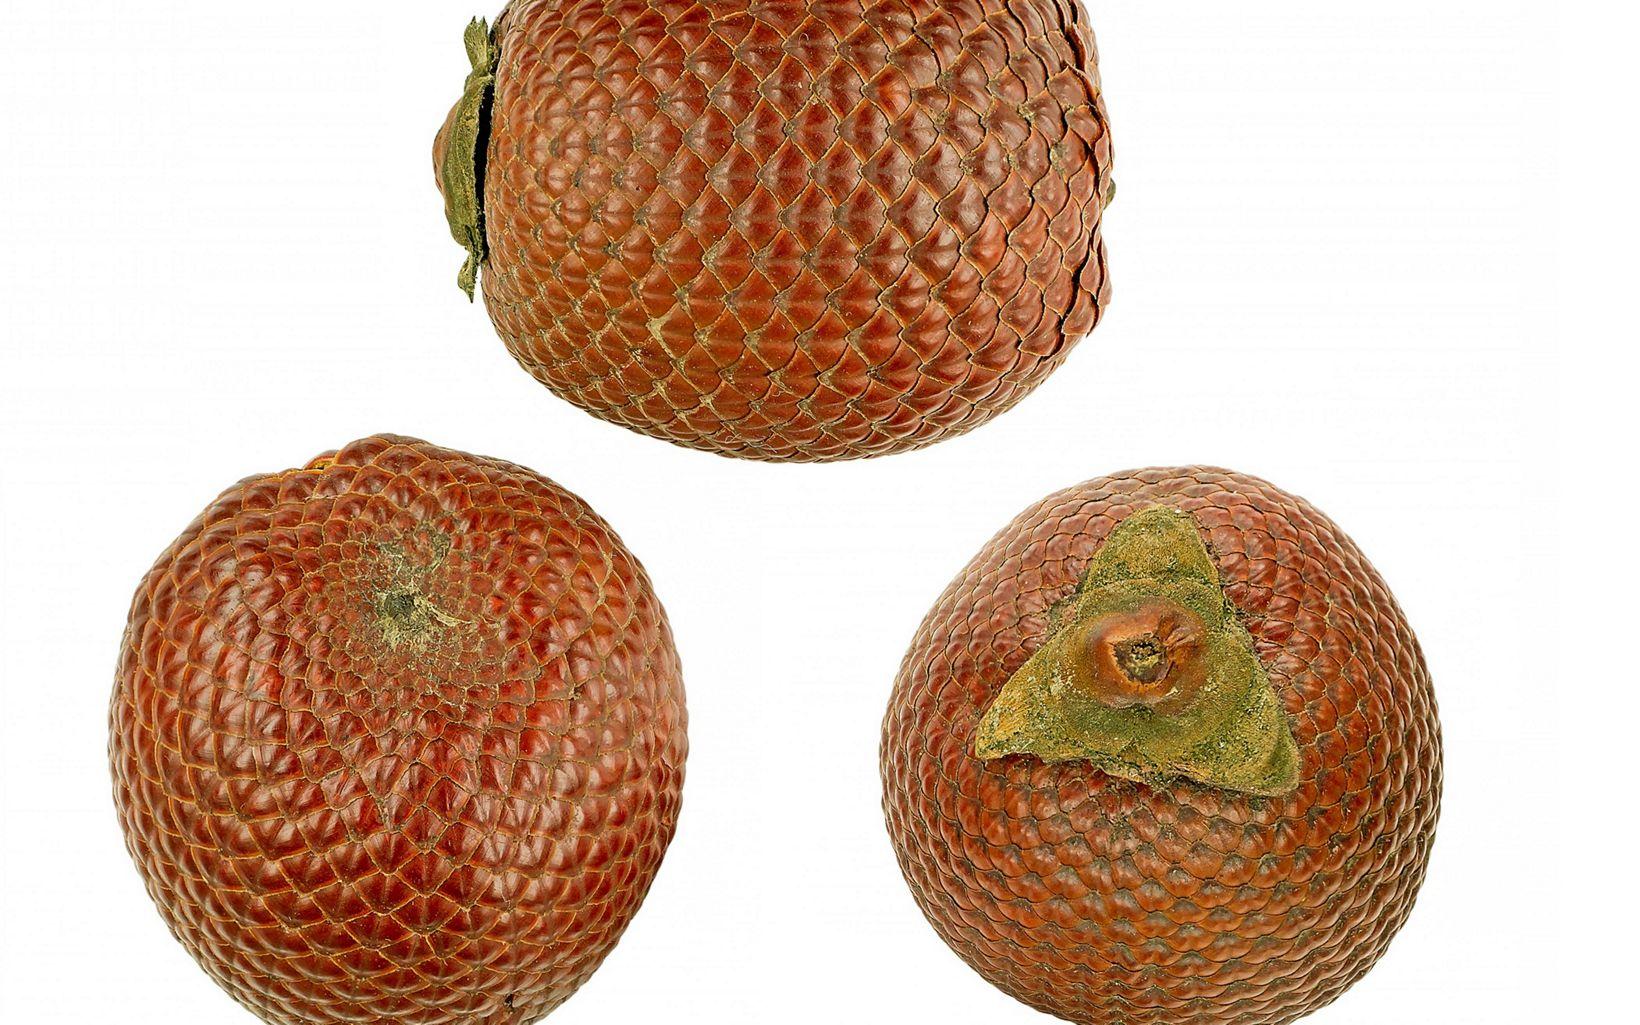 Alimenta personas y fauna. Se pueden extraer productos como su pupla (jugo, helado) o aceite (cosméticos, med.). Se da en grupos de palmas llamadas morichales o cananguchales.